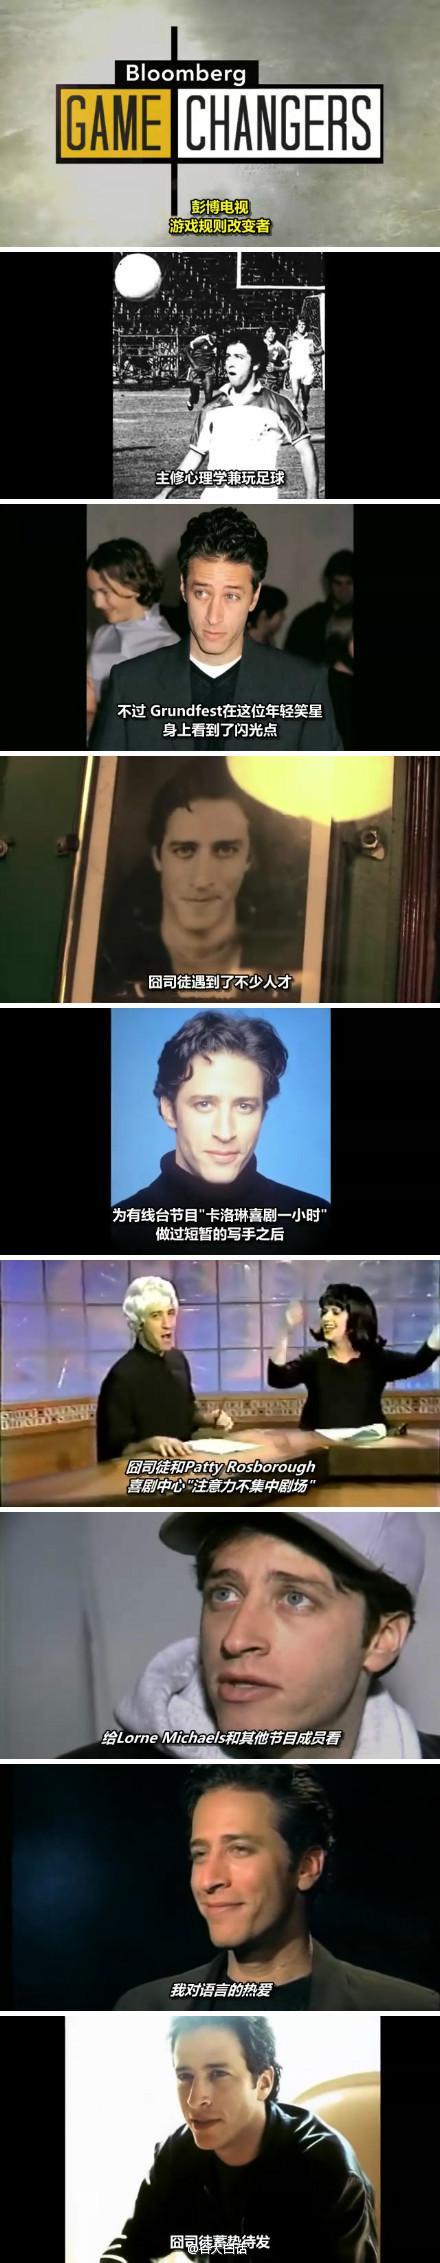 囧司徒传记特别节目全集【屌丝逆袭】